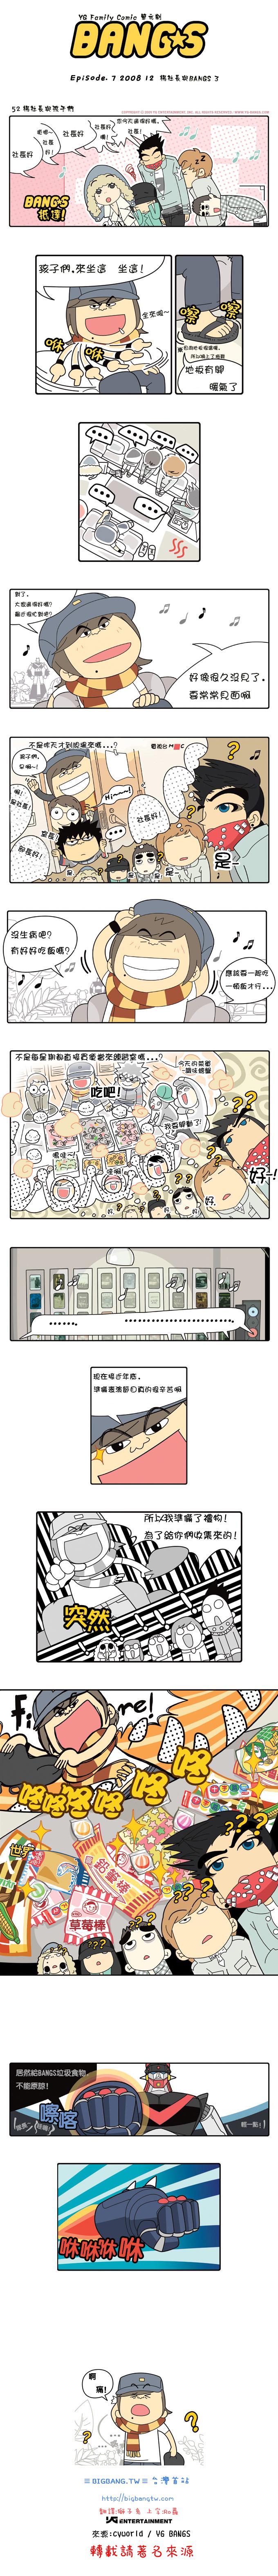 中譯 20090708_Episode 7_200812 楊社長與BANGS 052.png